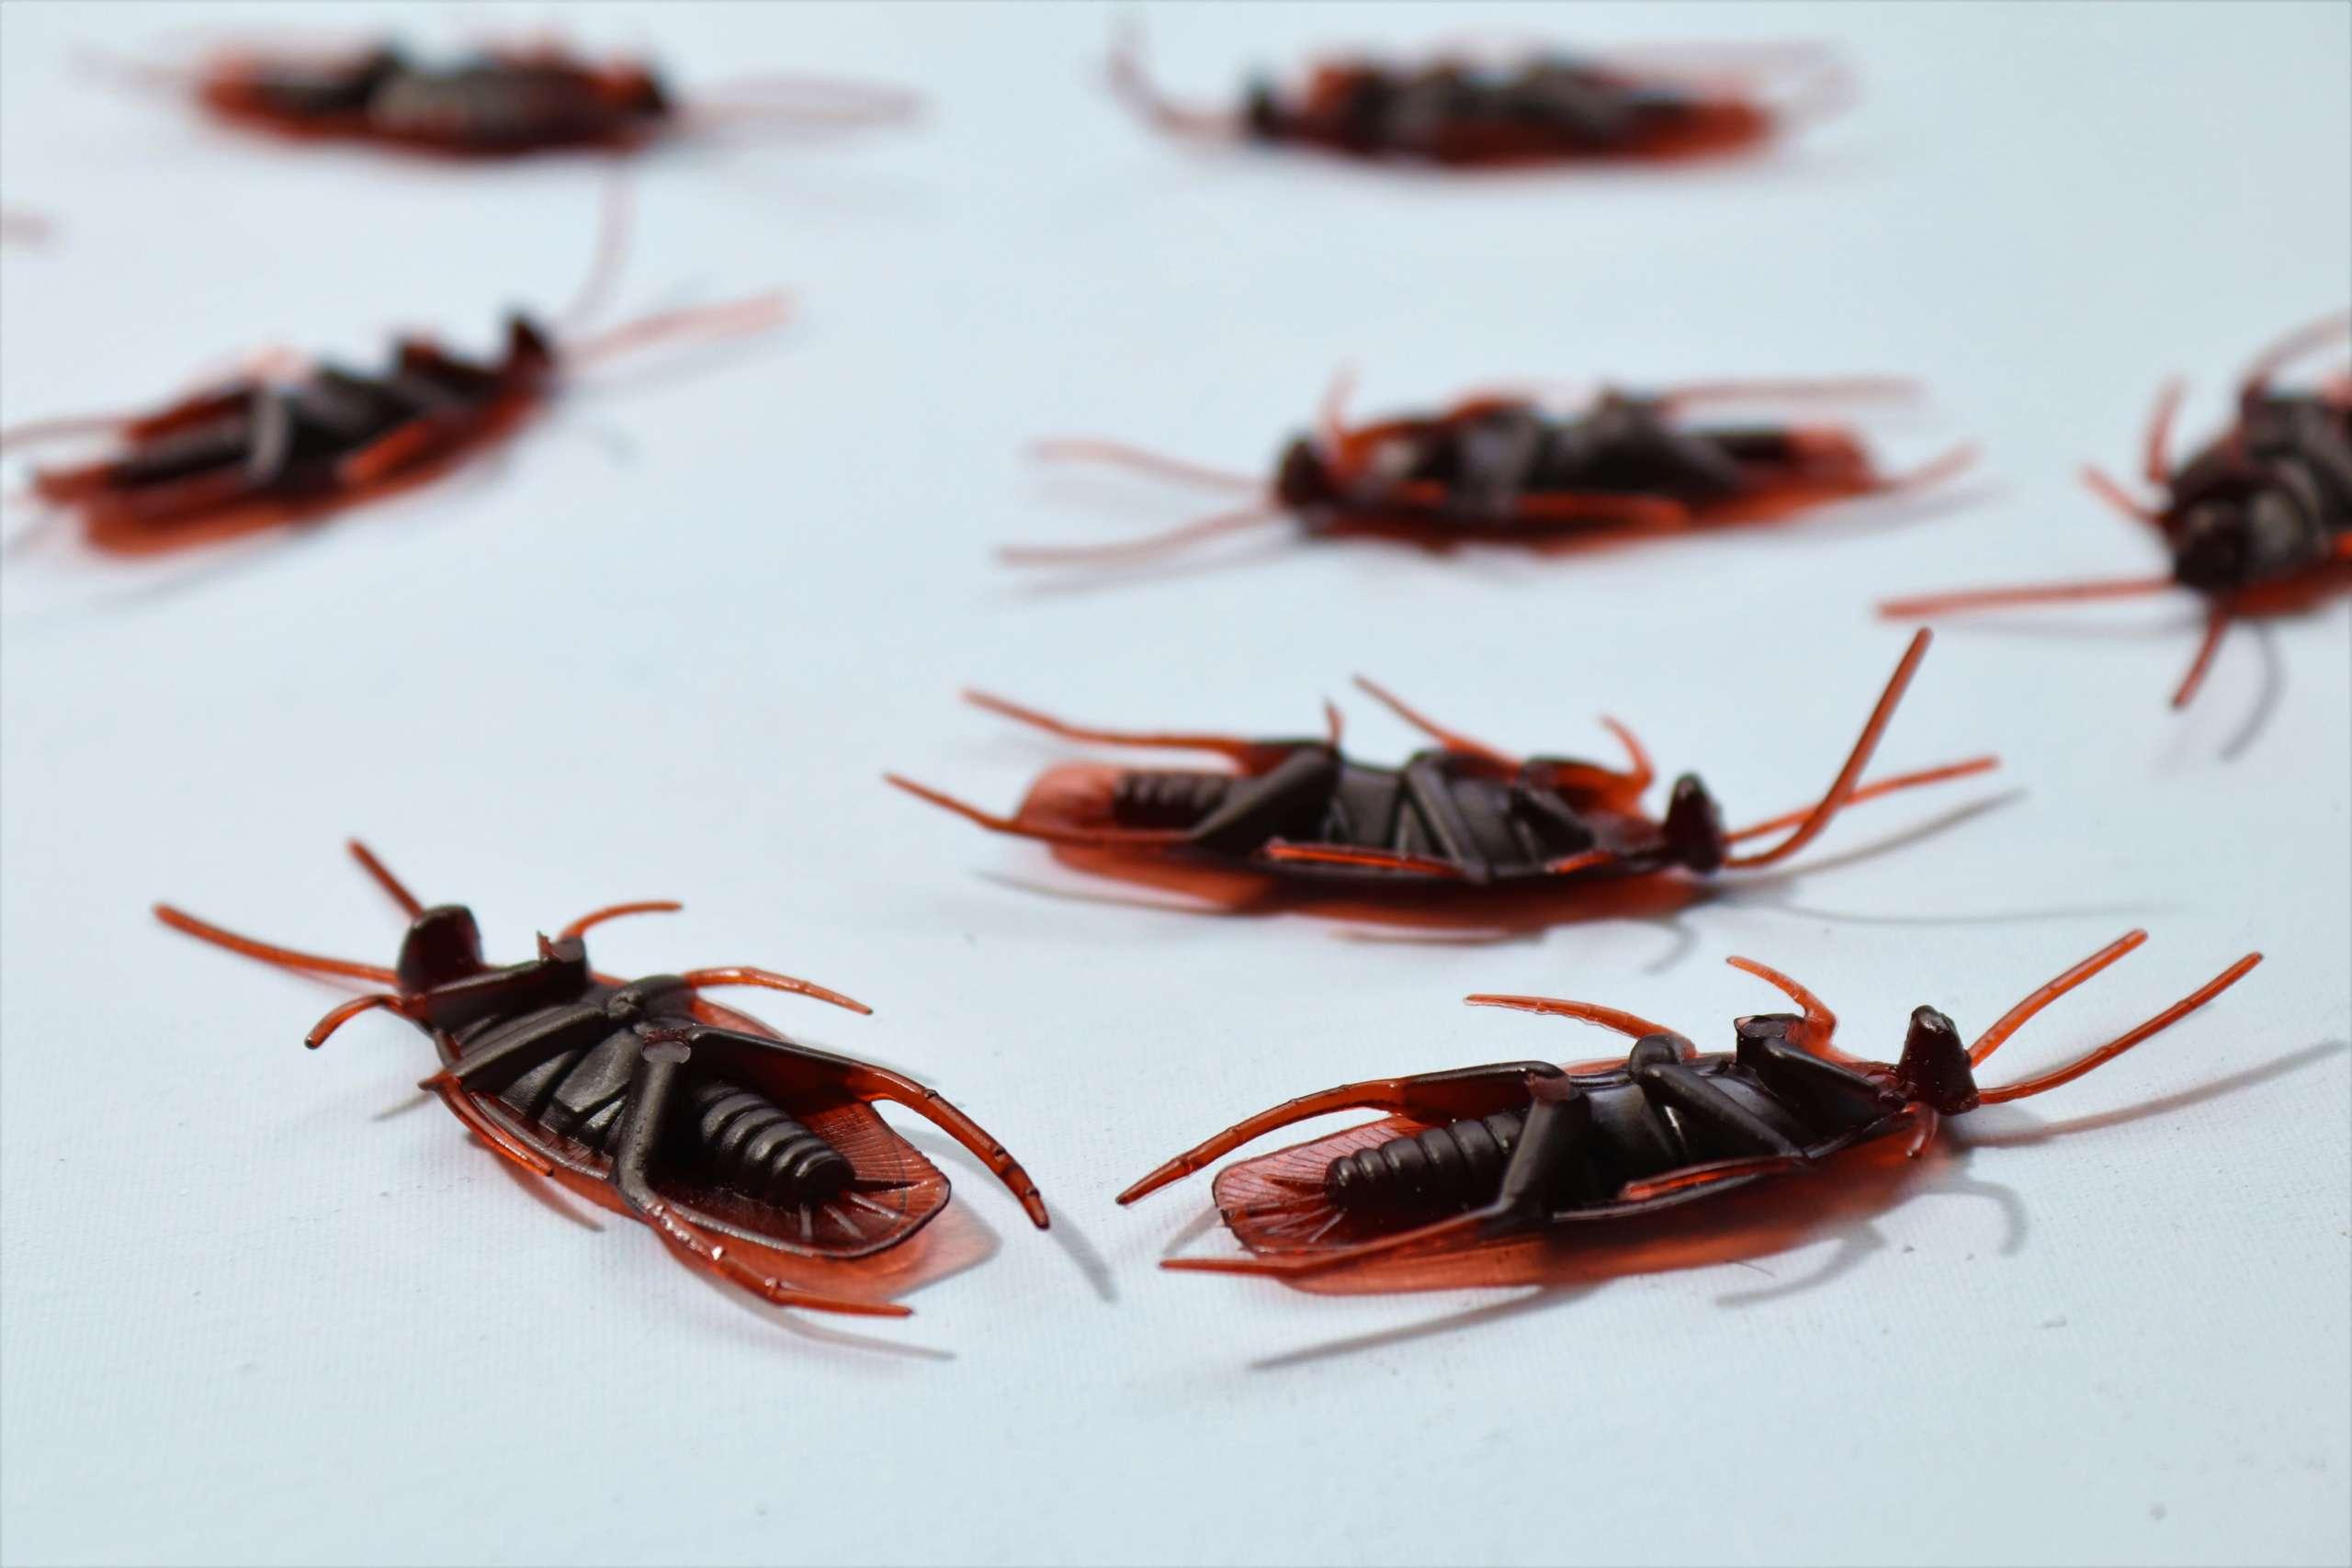 Cafards et blattes Nuisibles du Nord